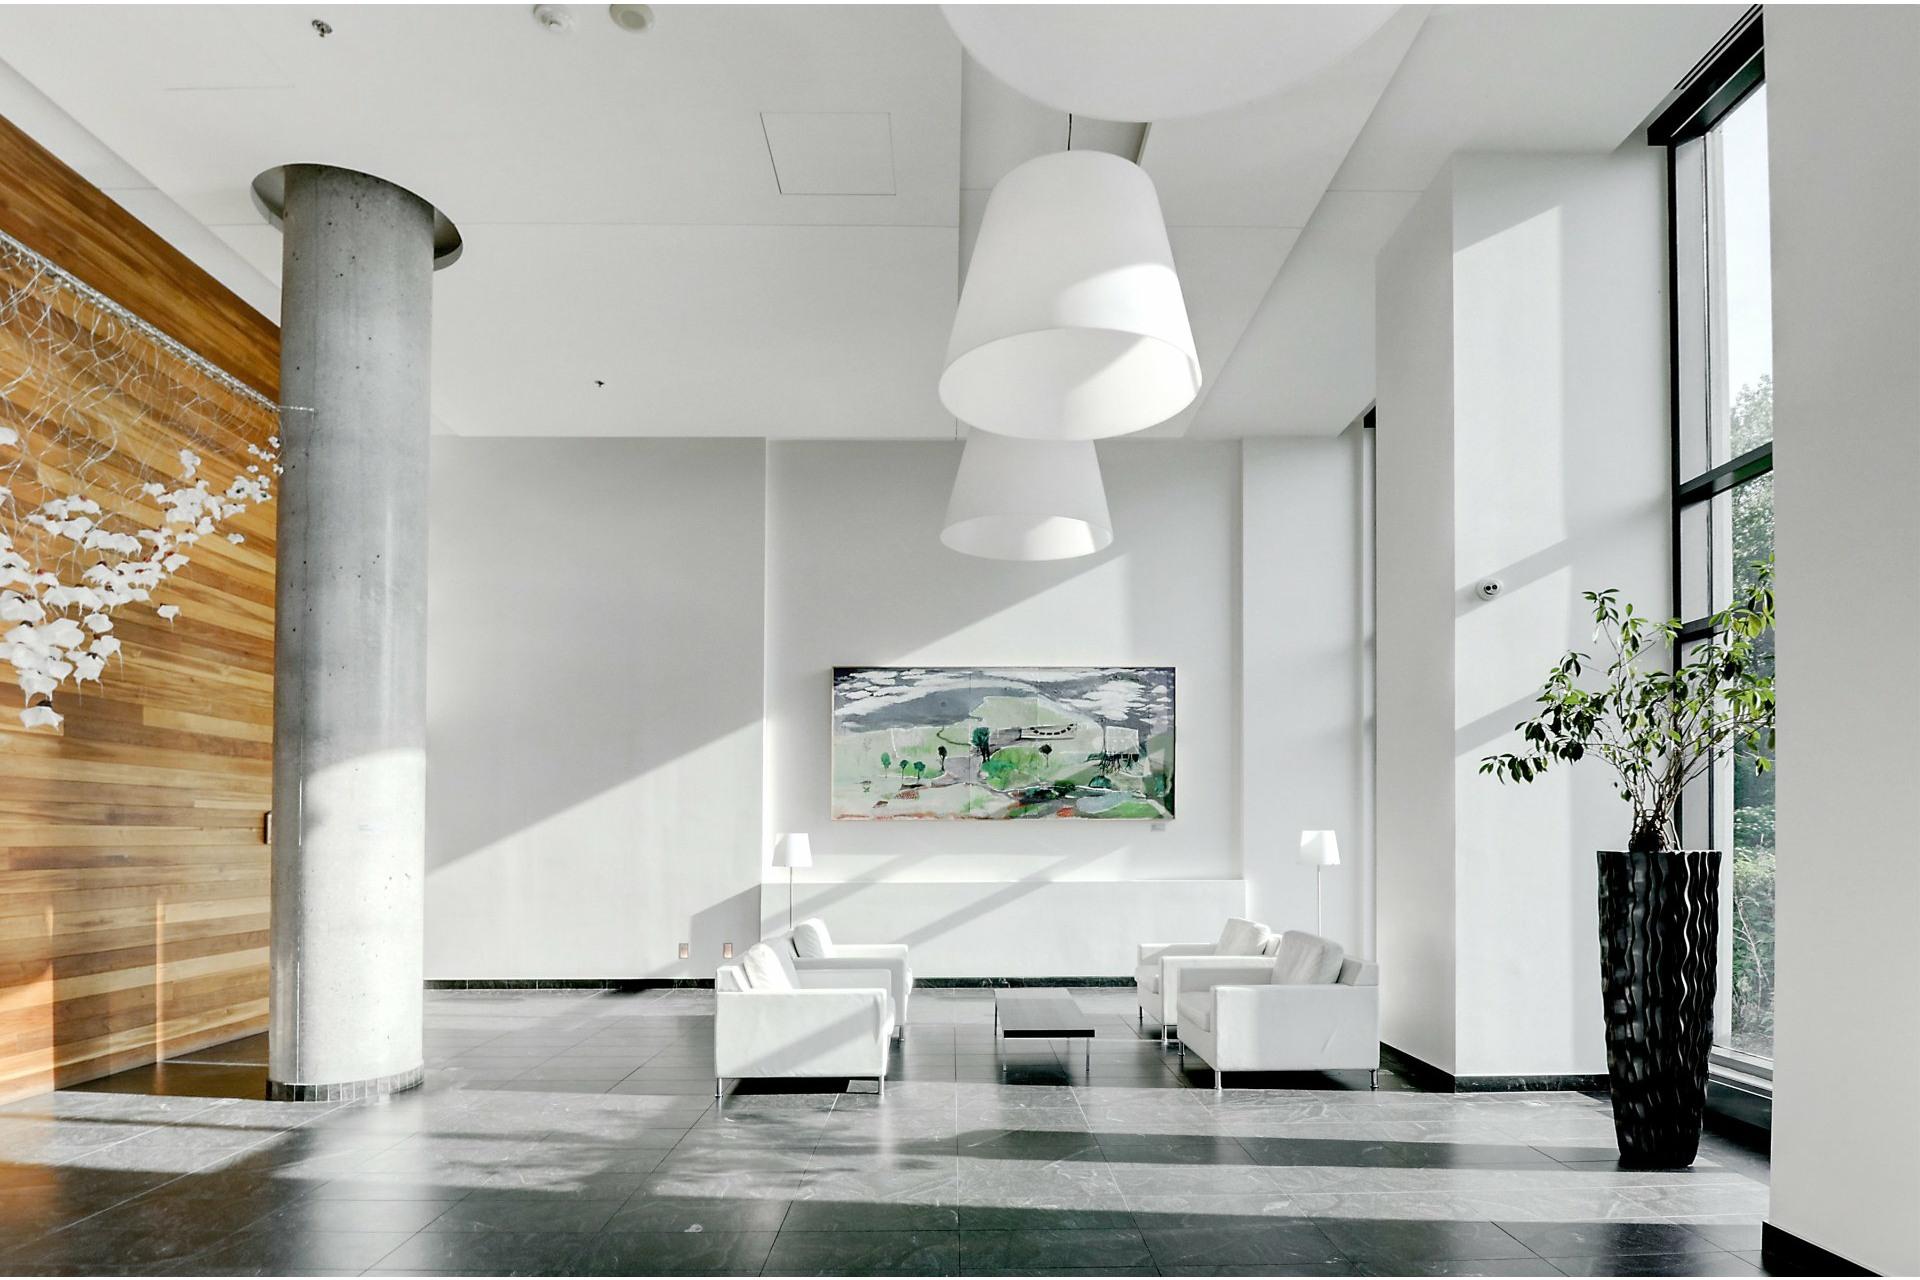 image 37 - Appartement À vendre Verdun/Île-des-Soeurs Montréal  - 5 pièces